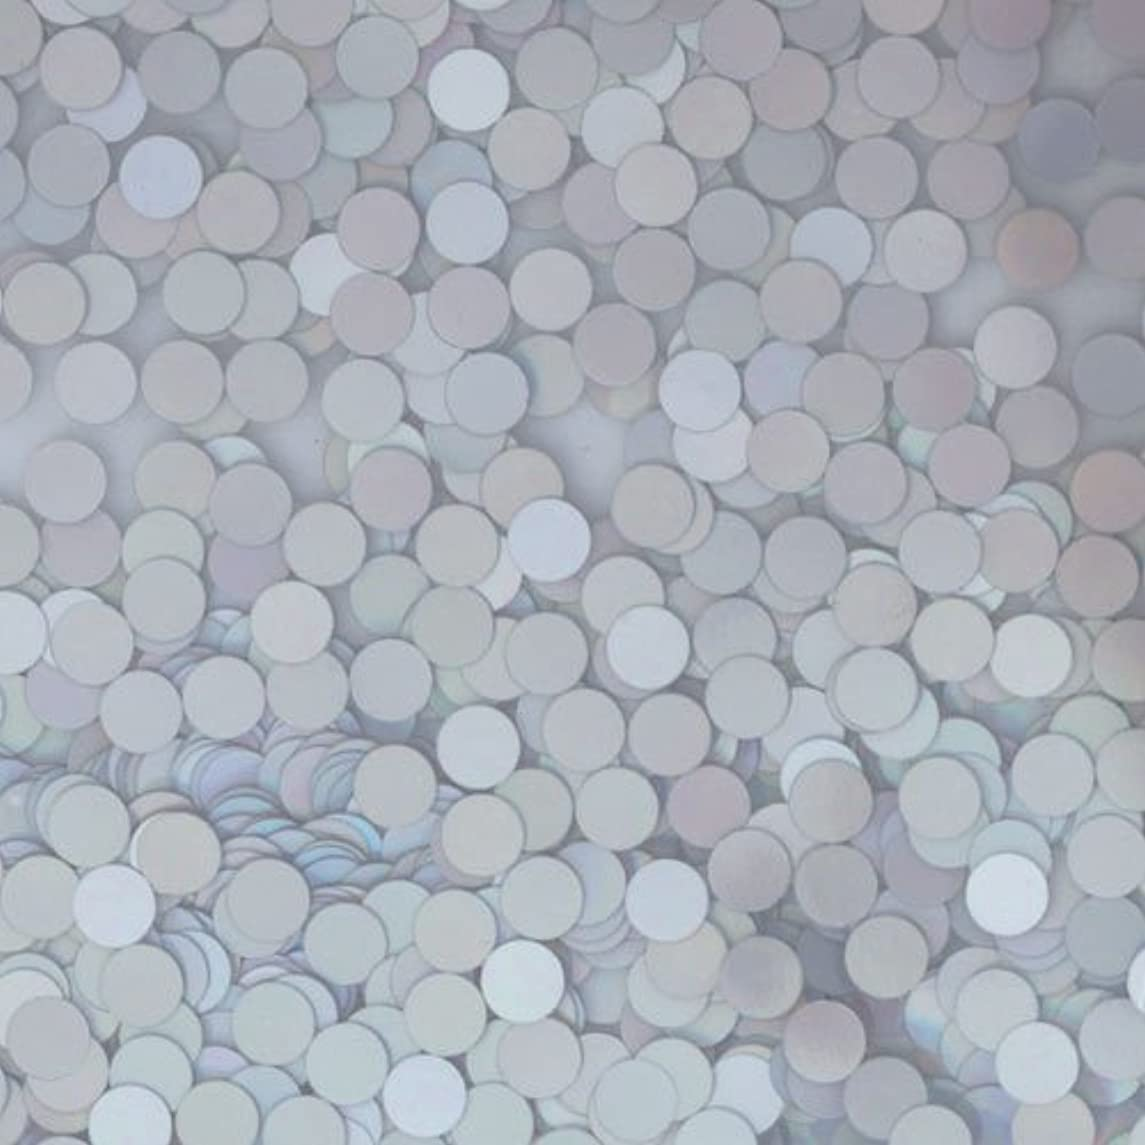 リーオートメーション販売員ピカエース ネイル用パウダー ピカエース 丸ホロ 1.5mm #883 マットシルバー 0.5g アート材